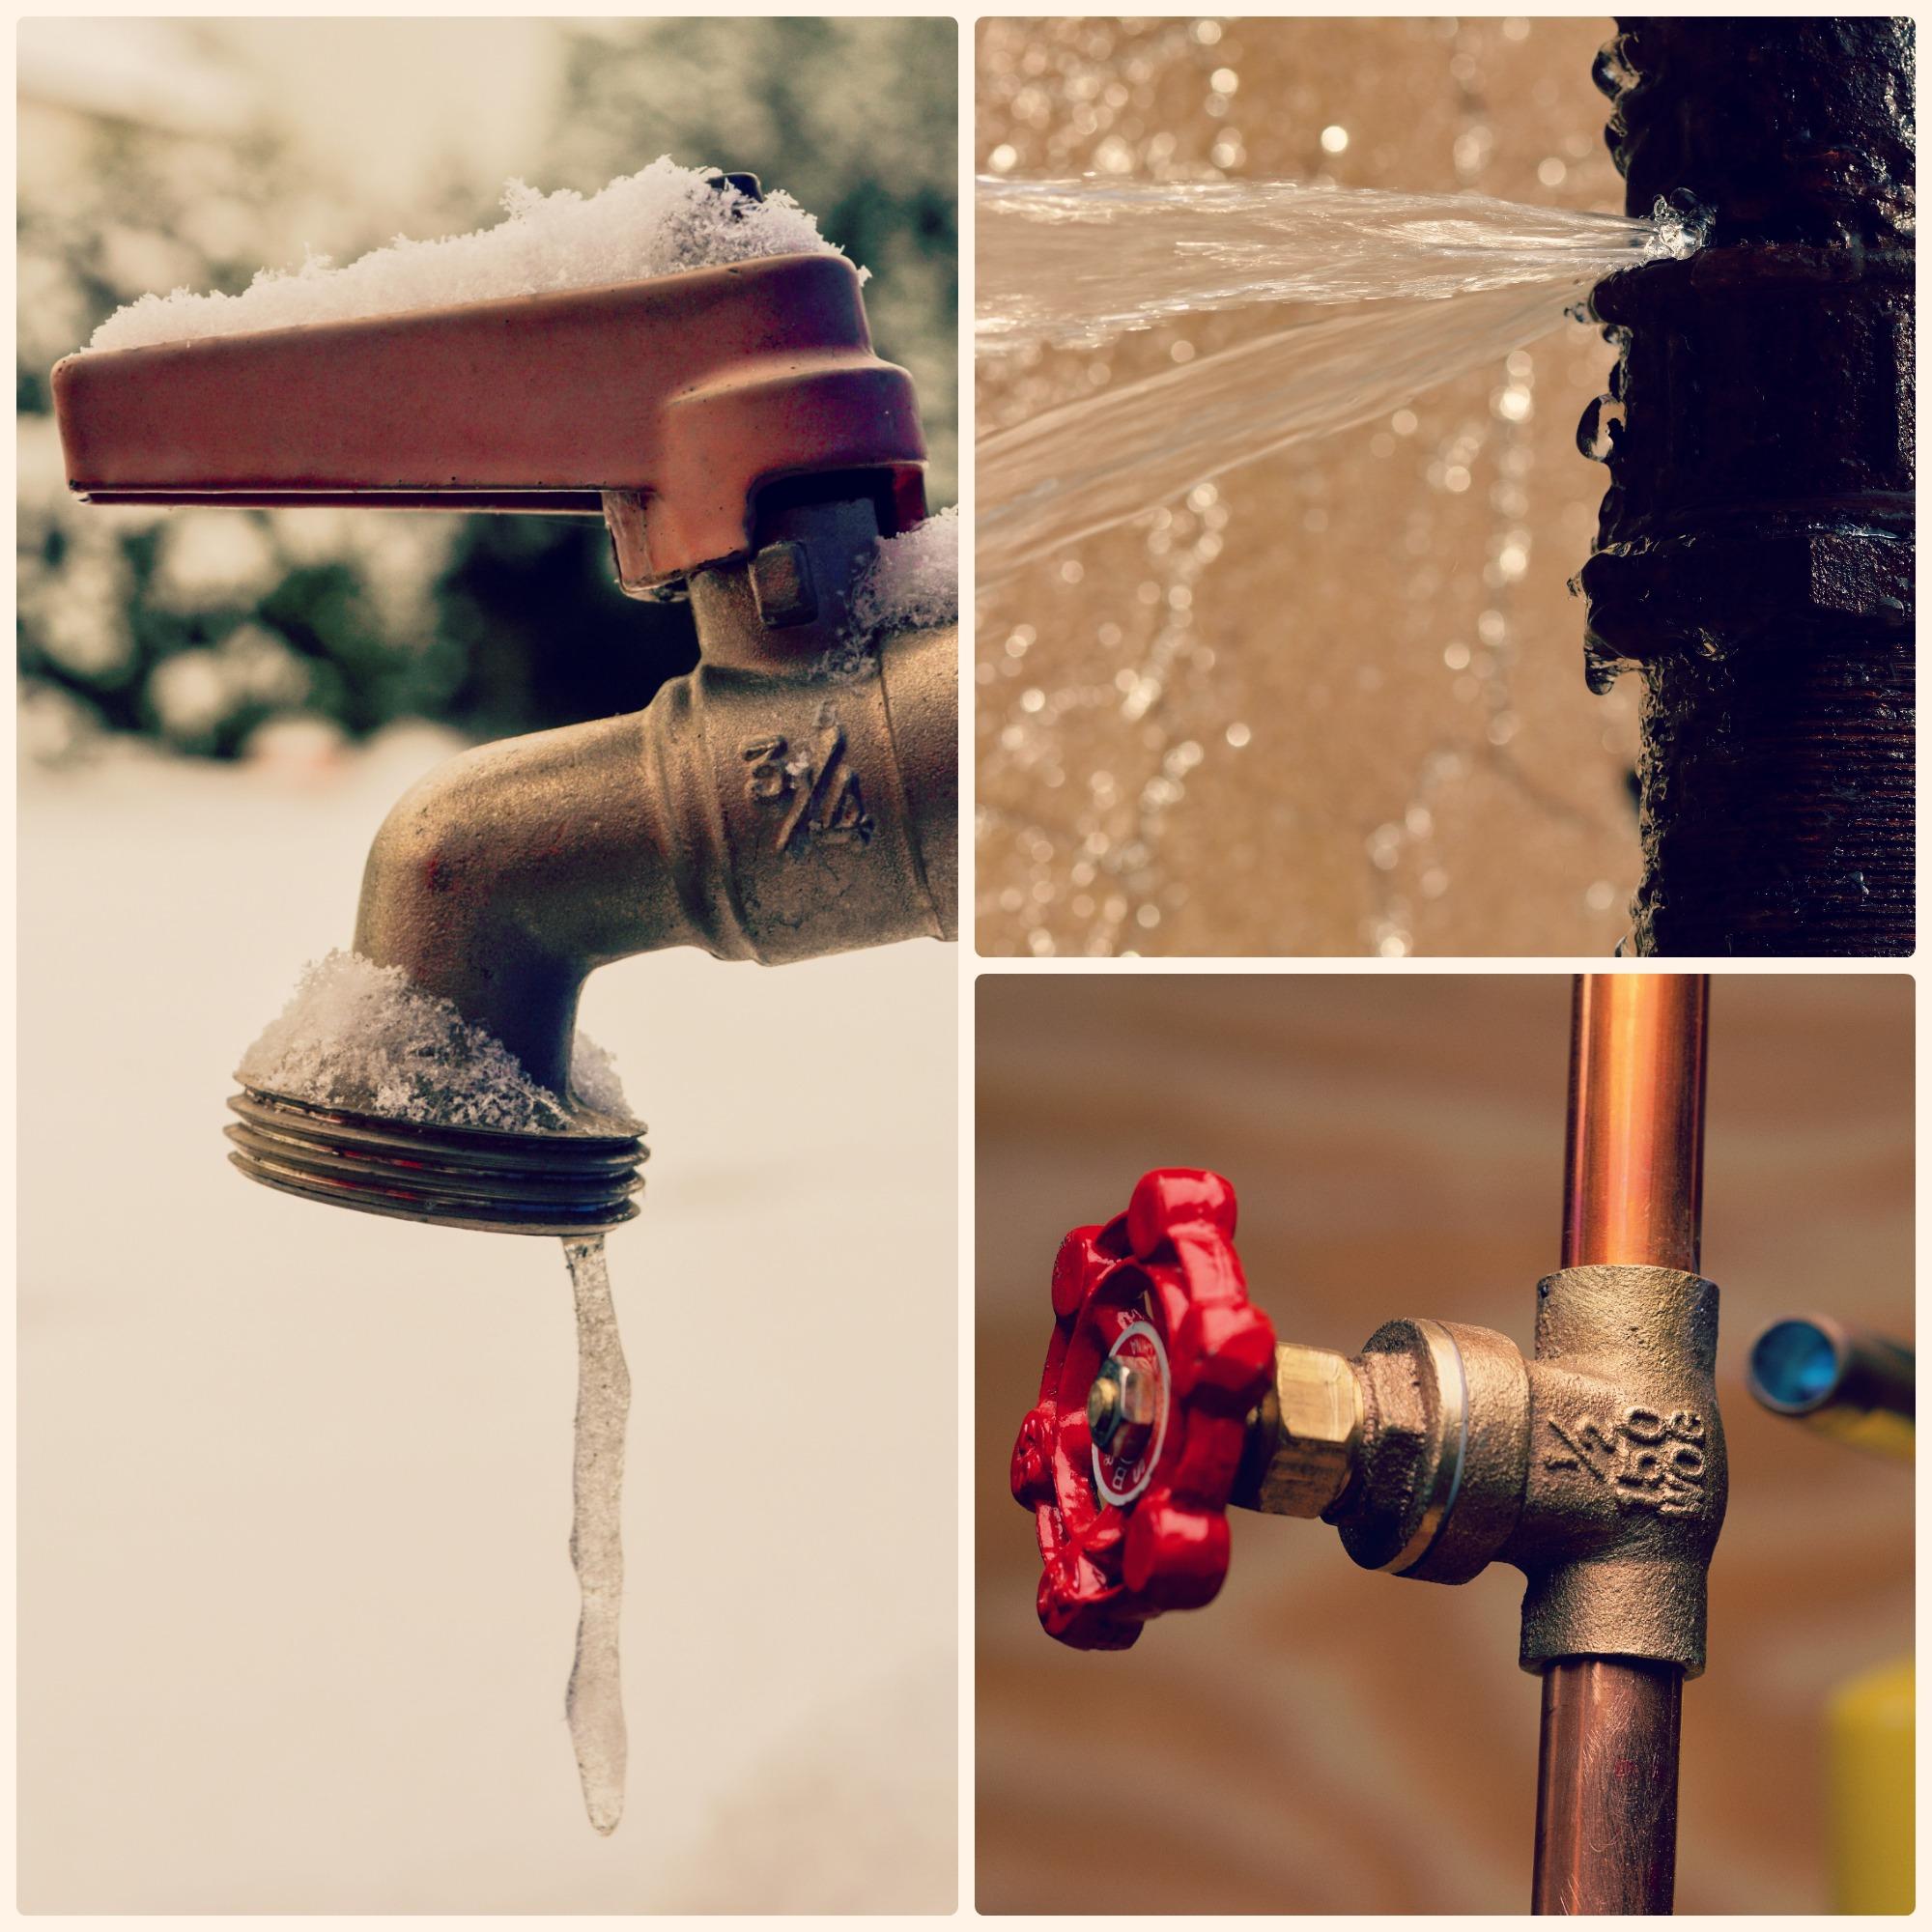 outside faucets